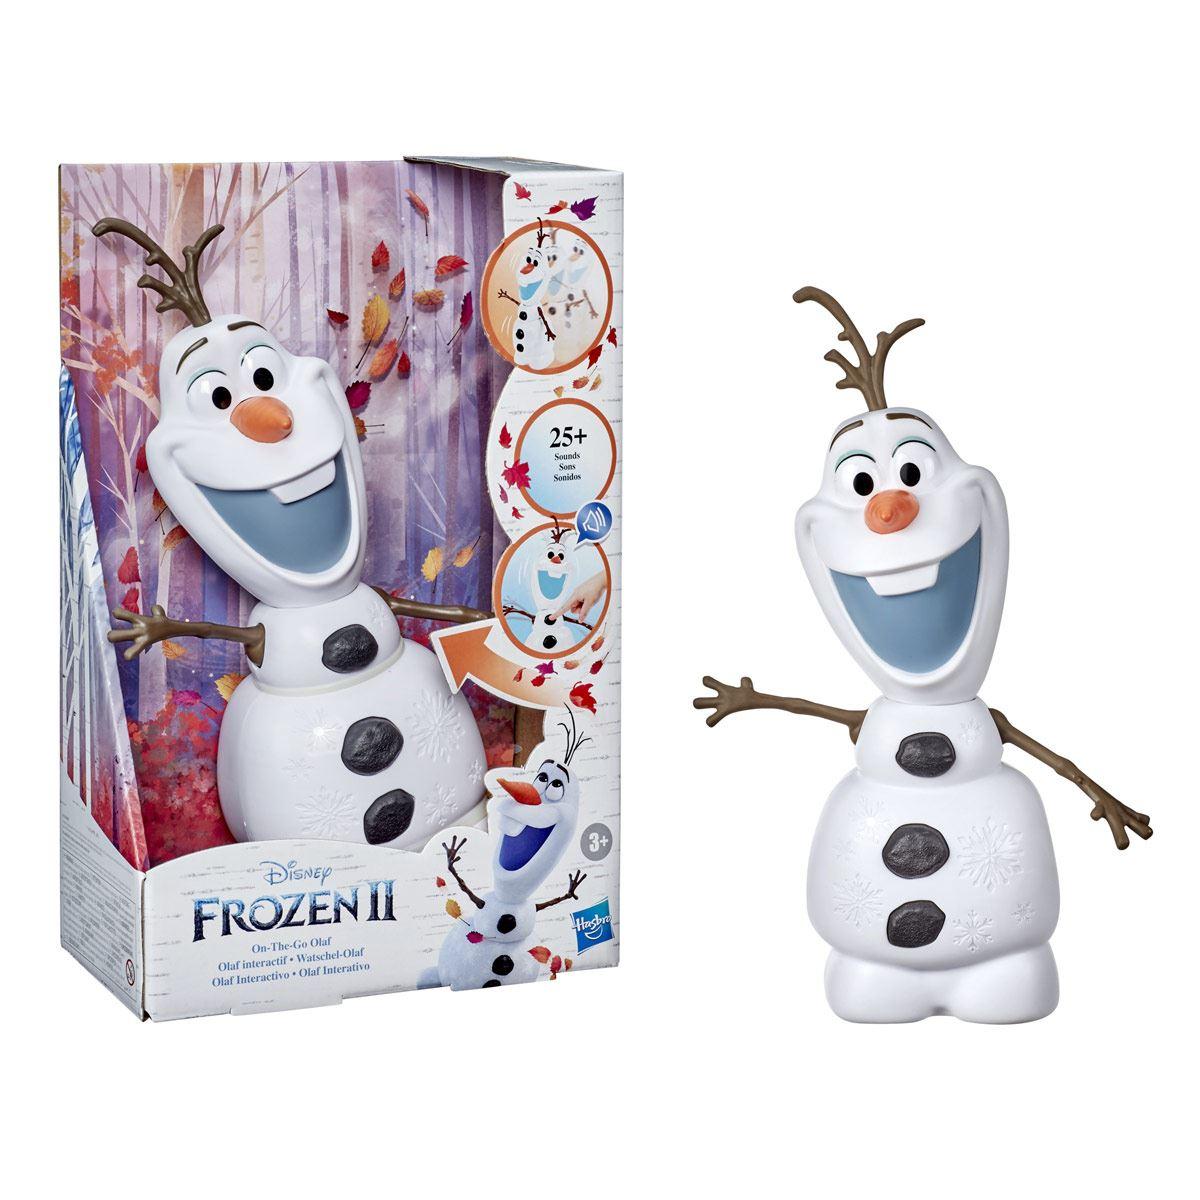 Disney Frozen 2 - Olaf Camina y habla